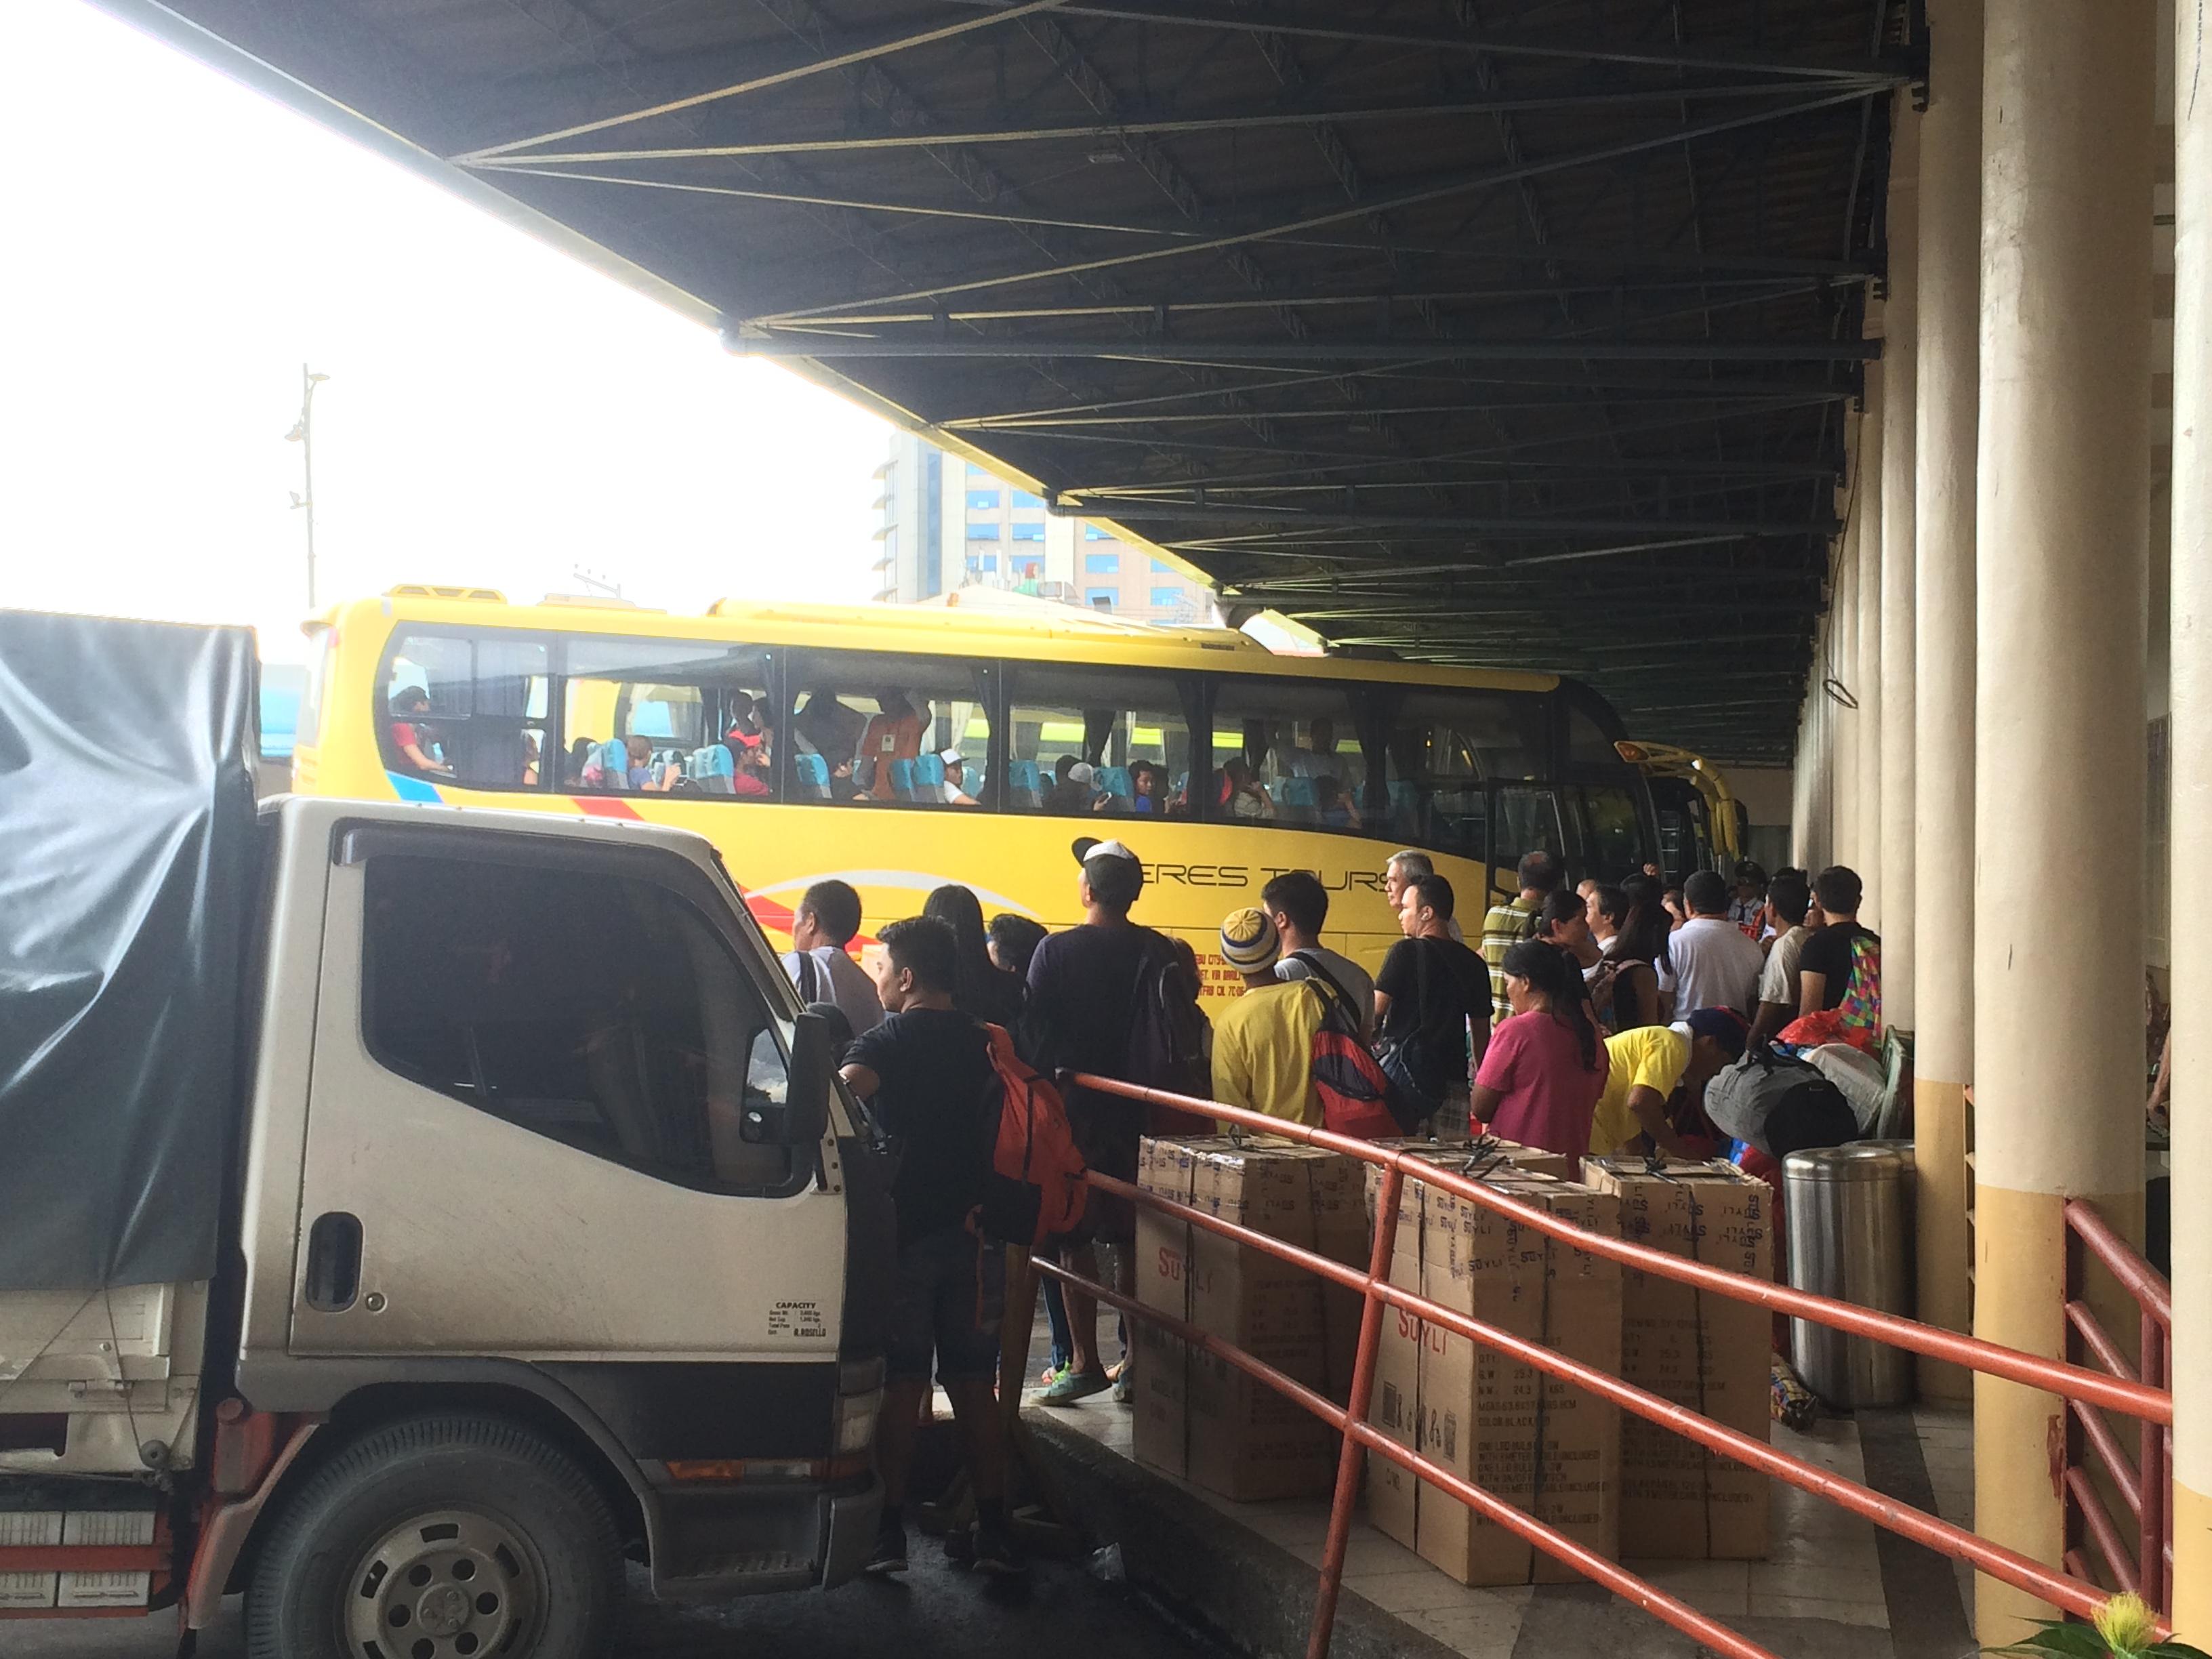 ターミナルにはこのような大型バスが何十台も止まっています。